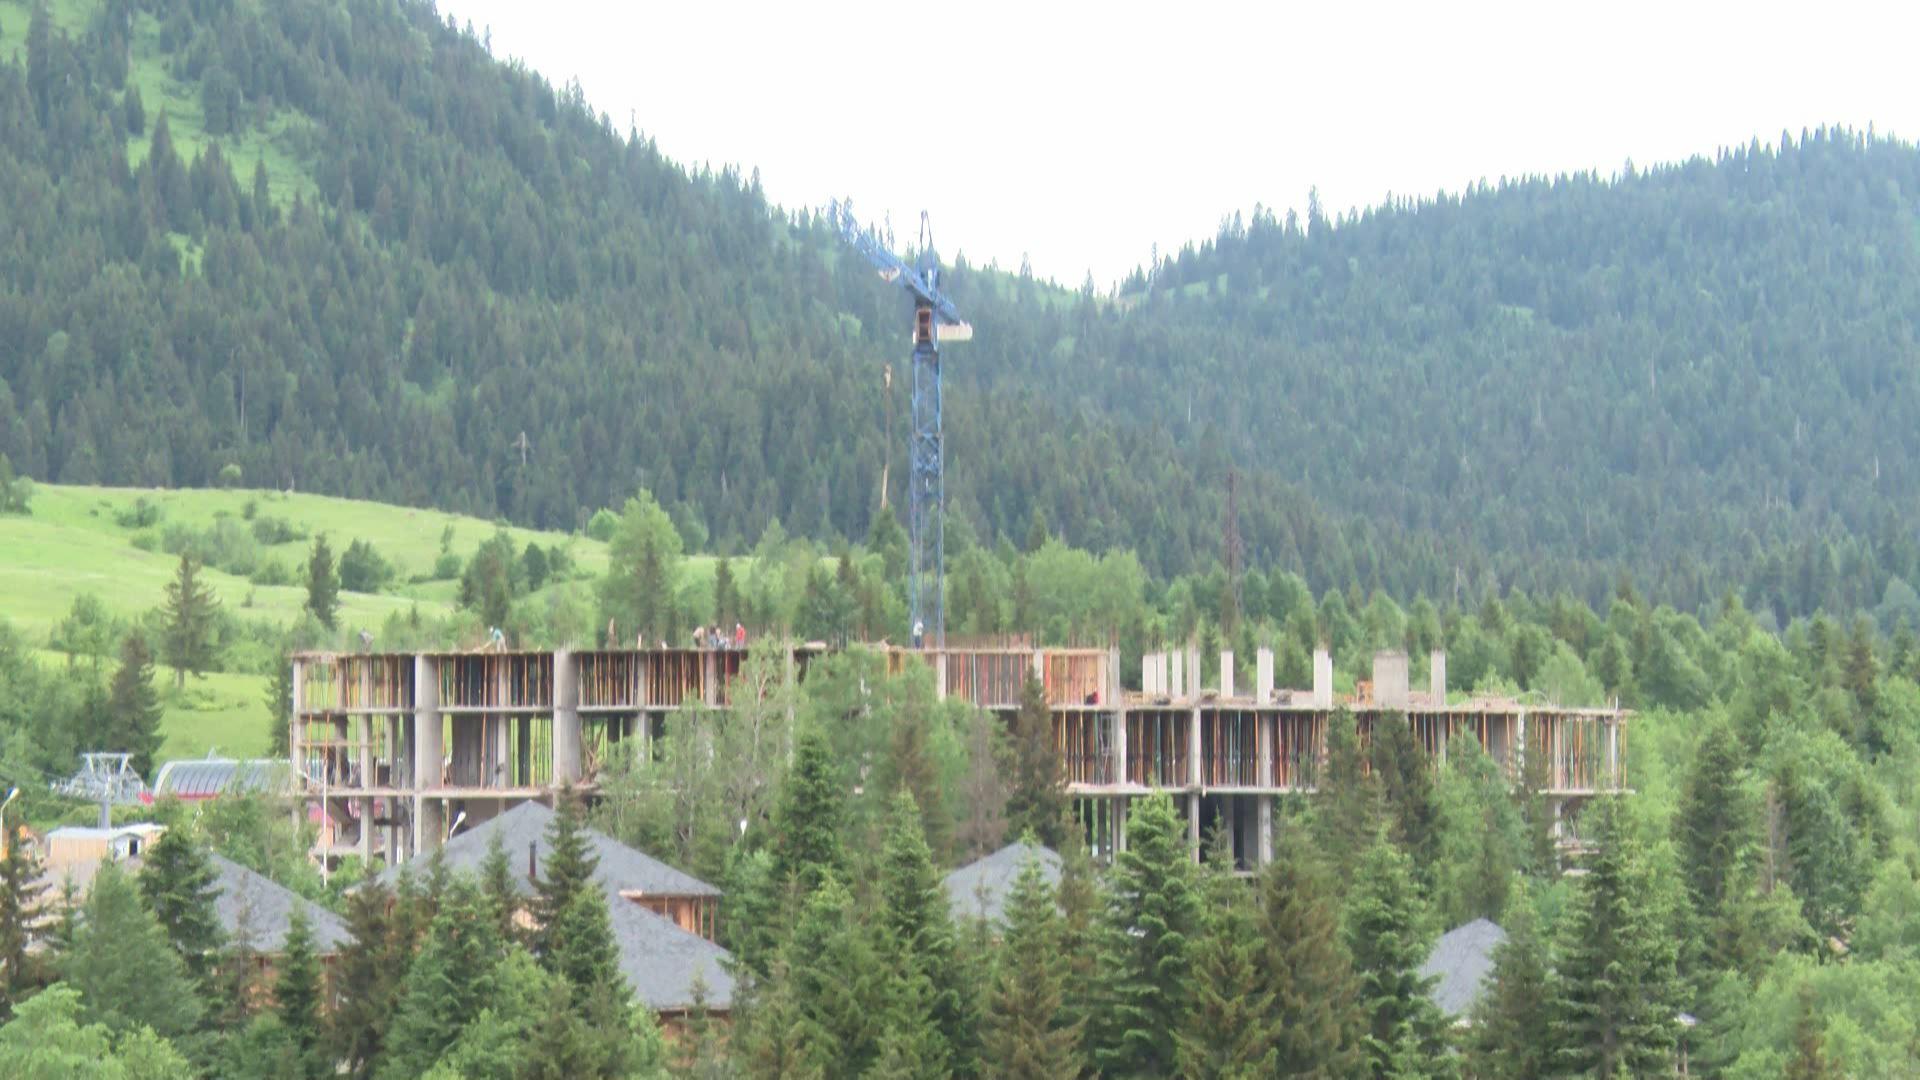 არის თუ არა სახიფათო გოდერძზე მაღლივი კორპუსების მშენებლობა